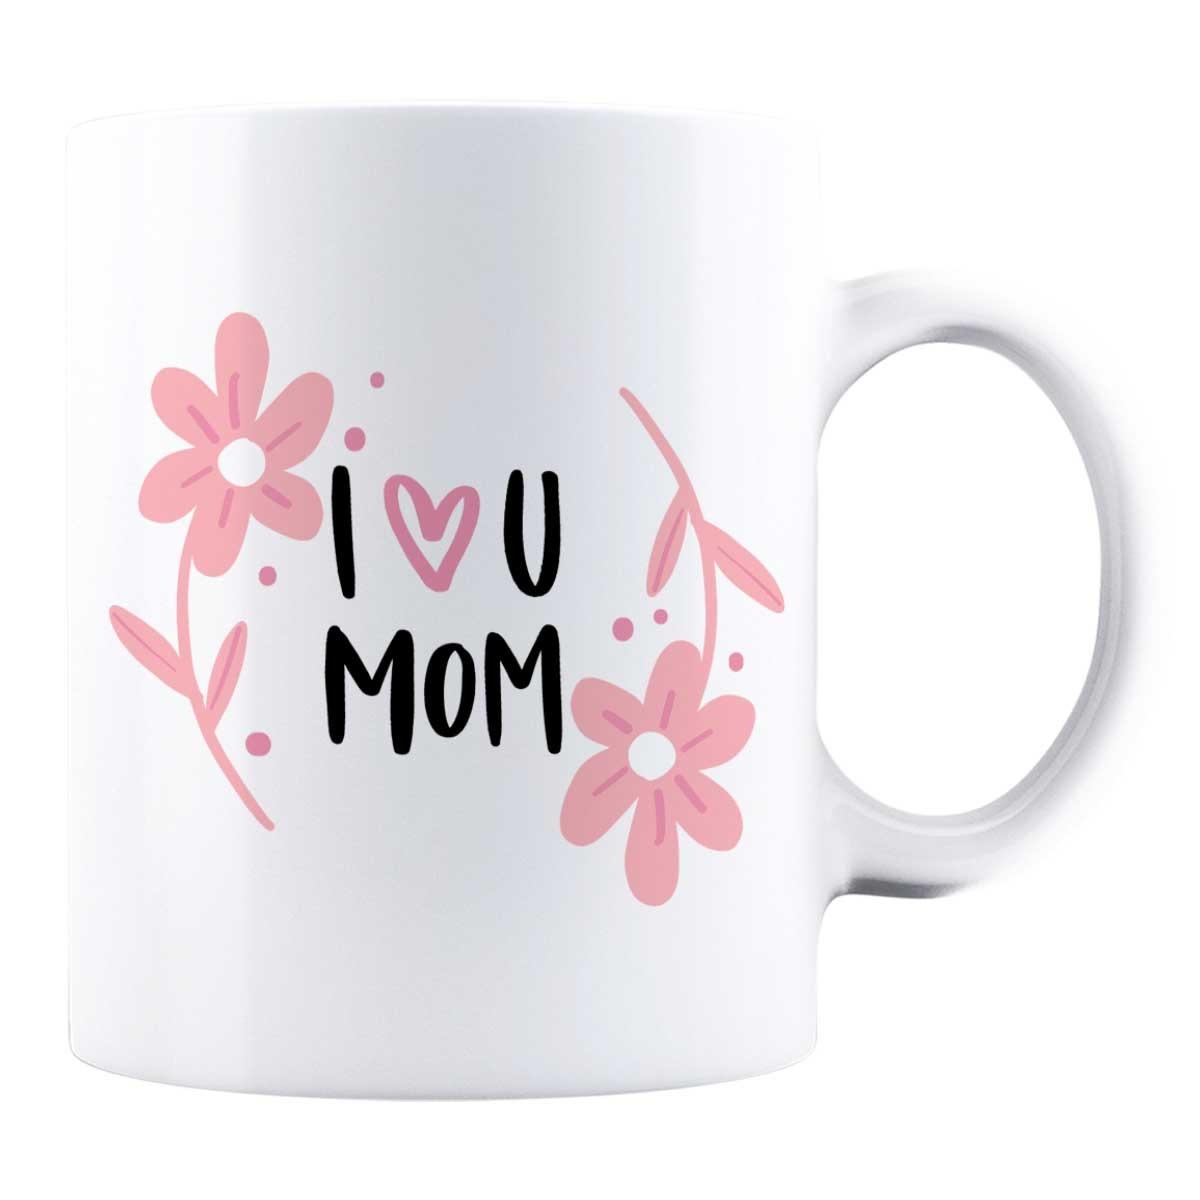 Cană personalizată - I love you MOM